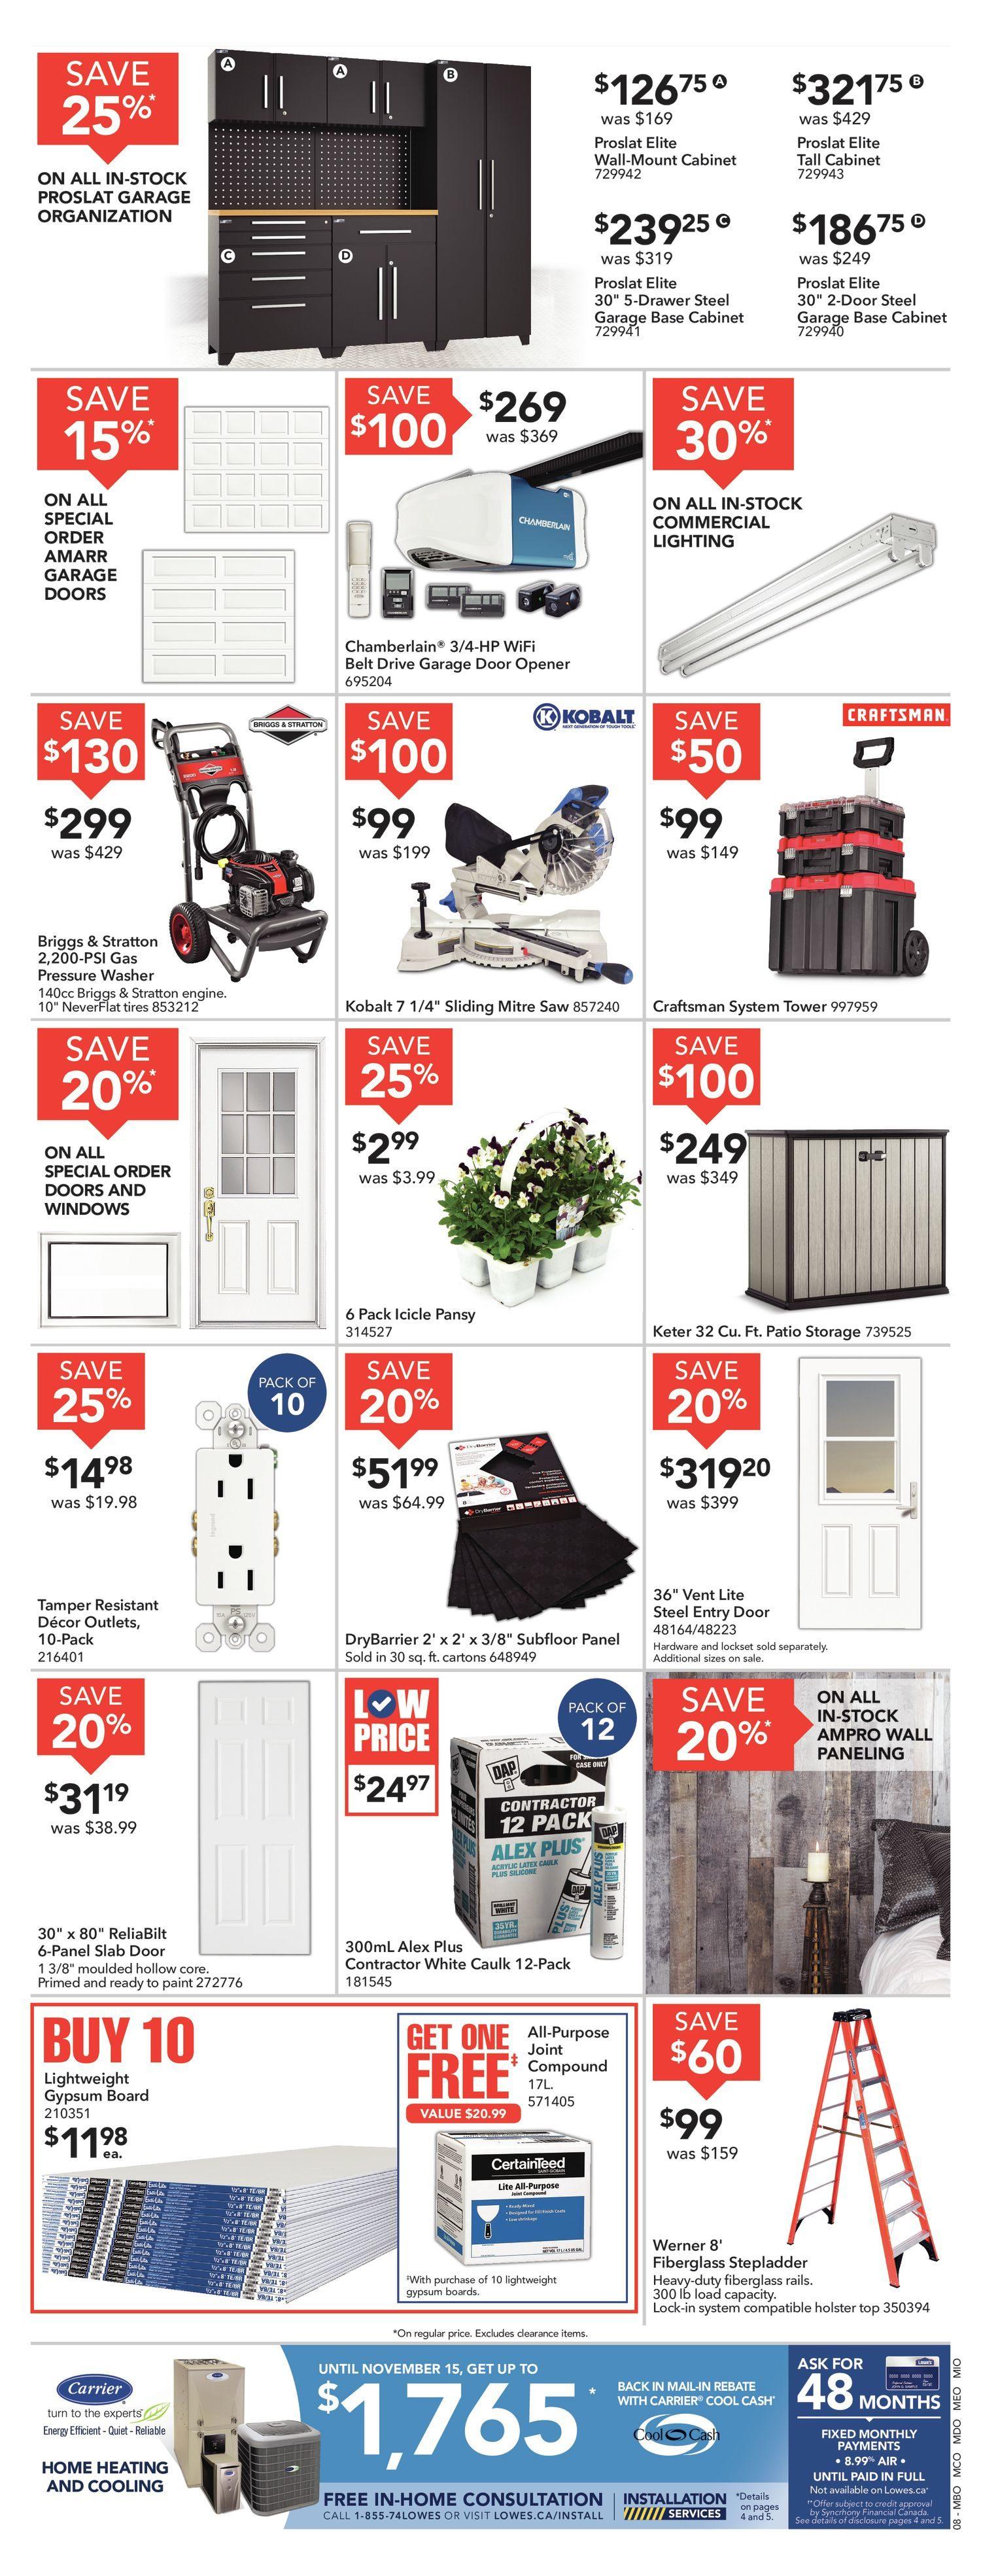 Lowe's Weekly Flyer - Weekly - Buy More Save More - Sep 5